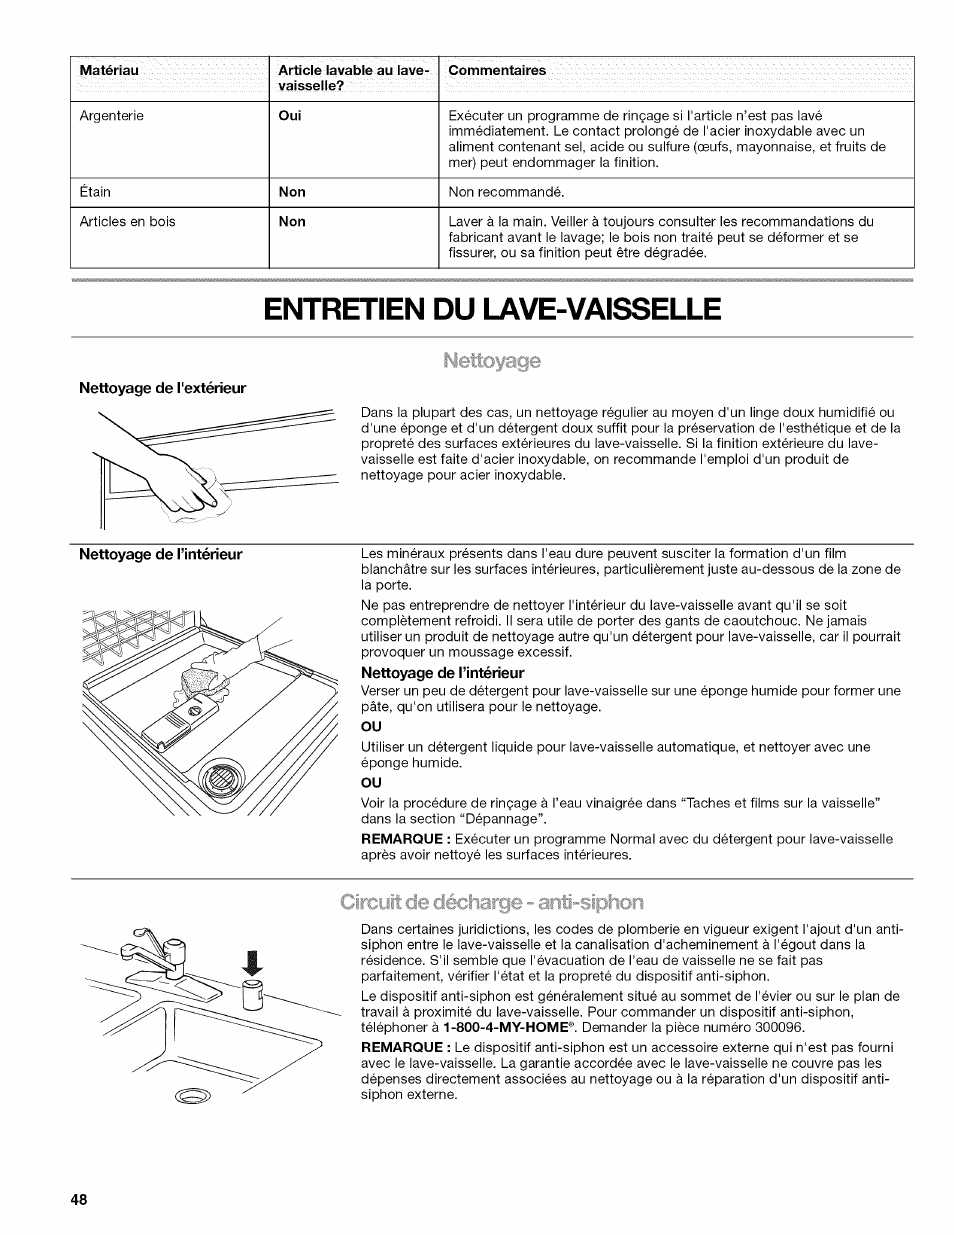 Entretien Du Lave Vaisselle entretien du lave-vaisselle, nettoyage de l'extérieur